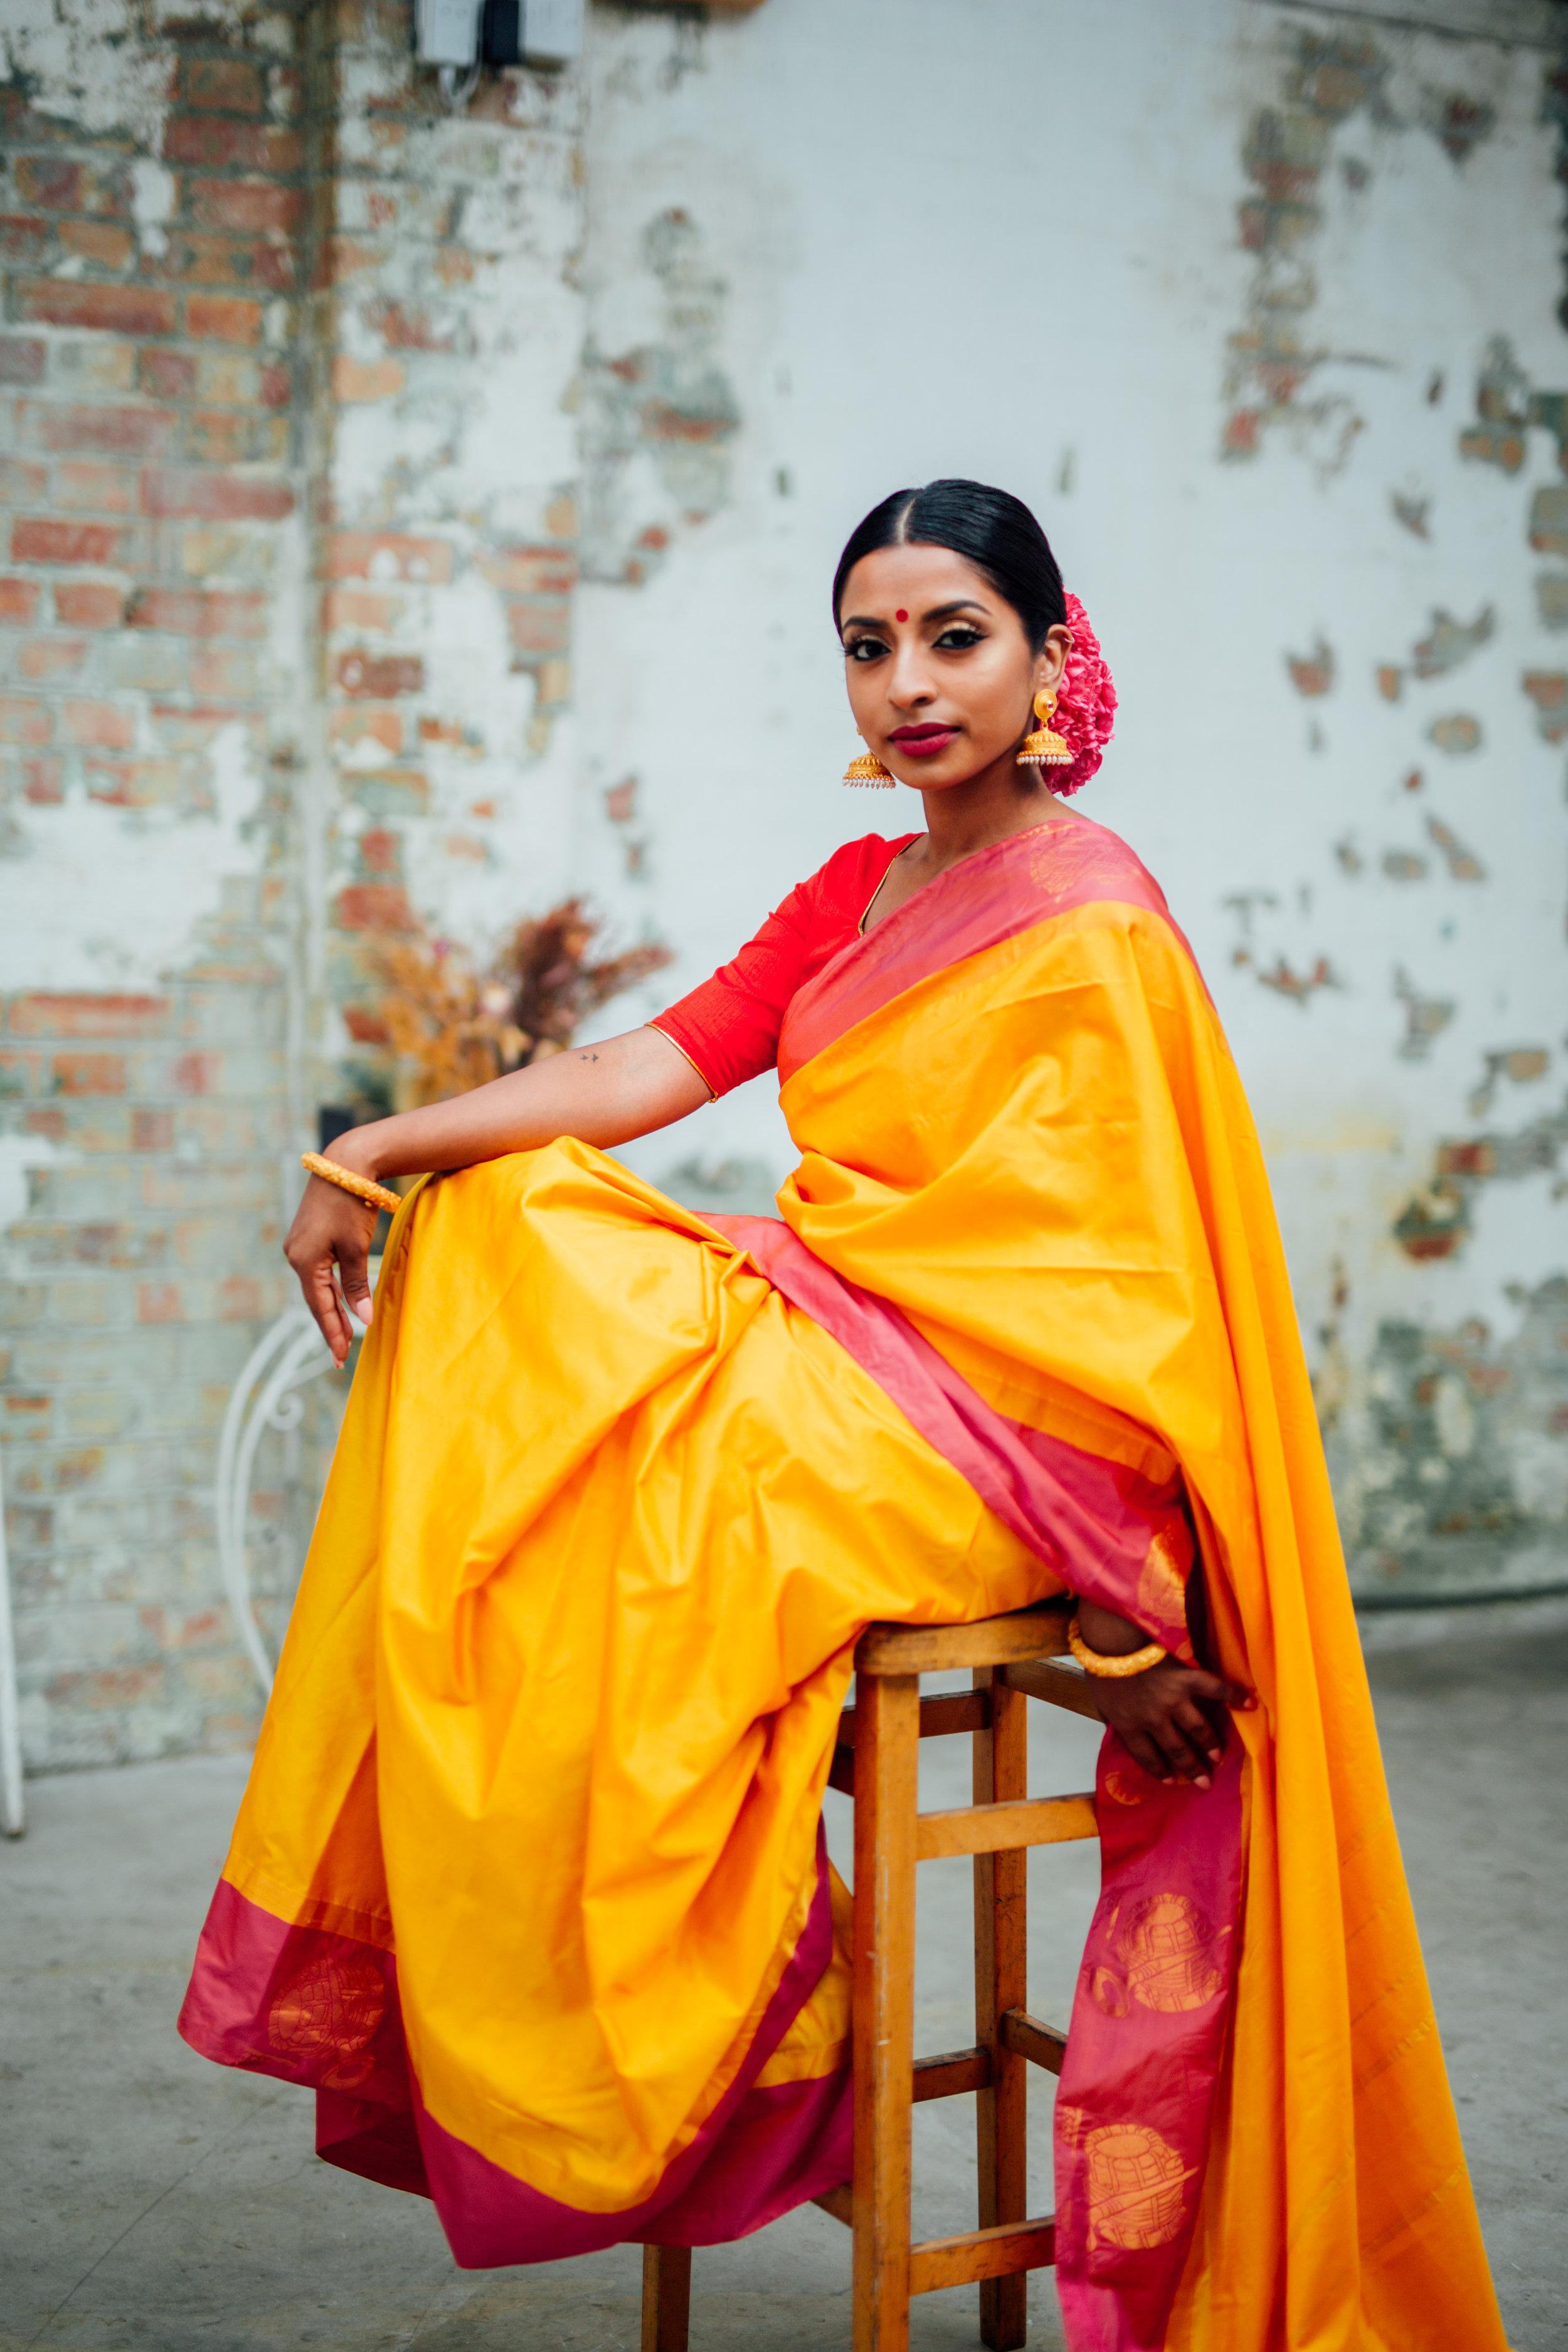 Jumani Yellow Saree Pothys-211.jpg